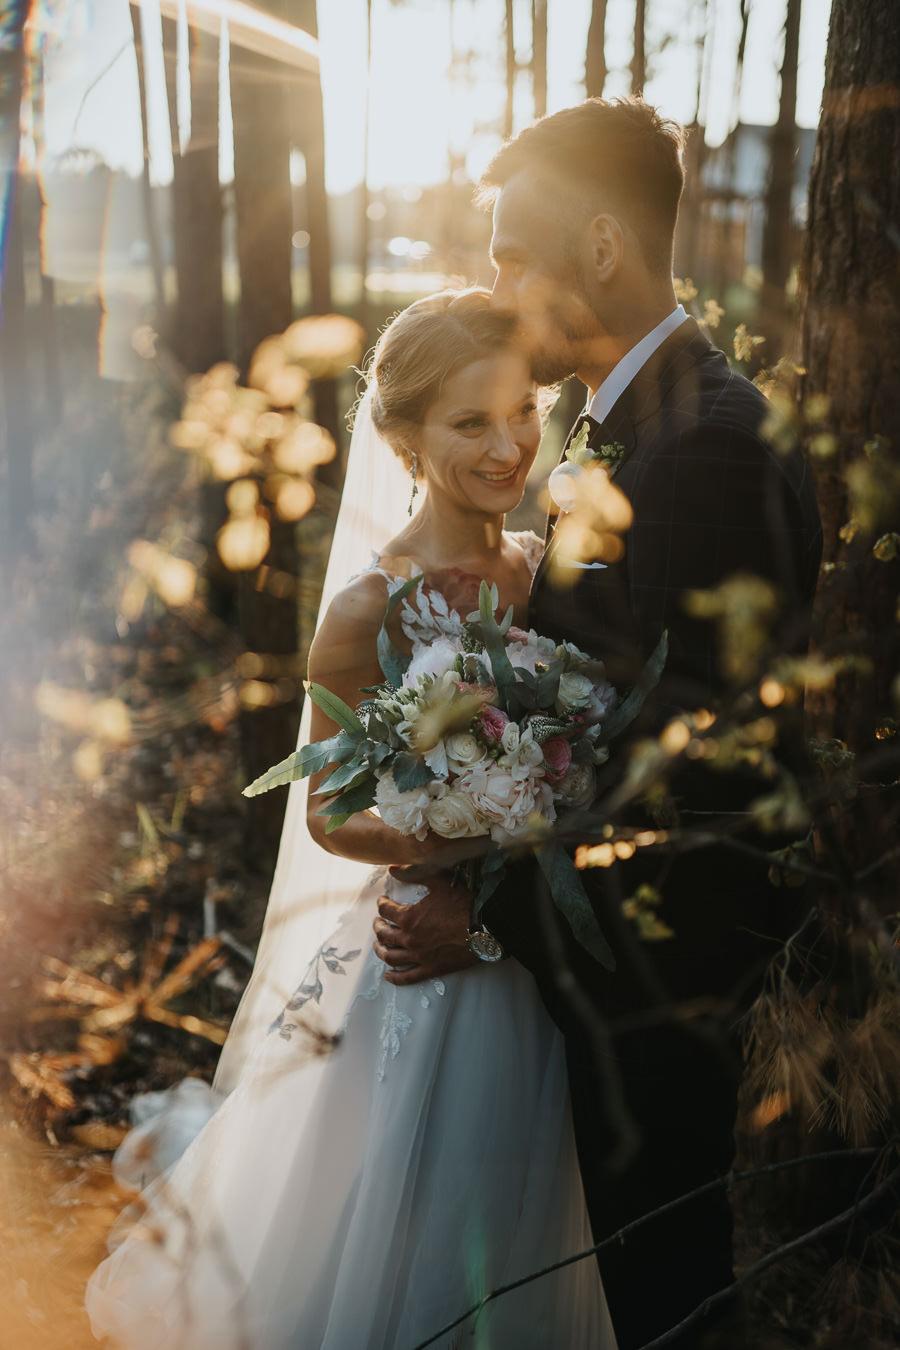 wesele-zalecze-male-fotograf-slubny-wielun-wilczkiewicz-900px-00123 124